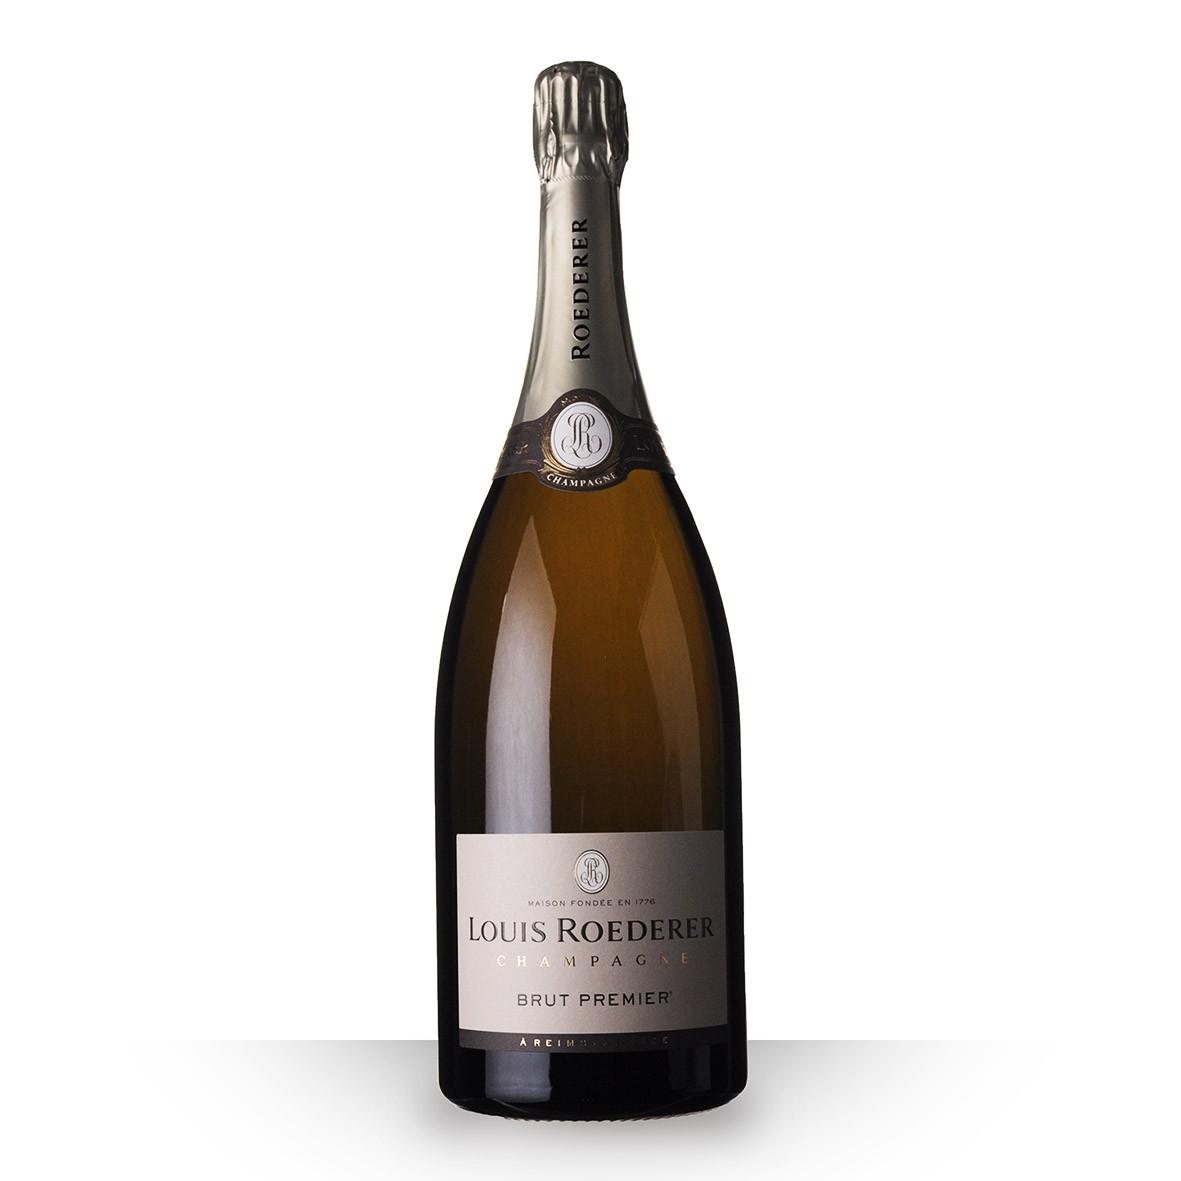 Champagne Louis Roederer 1er Brut 150cl www.odyssee-vins.com